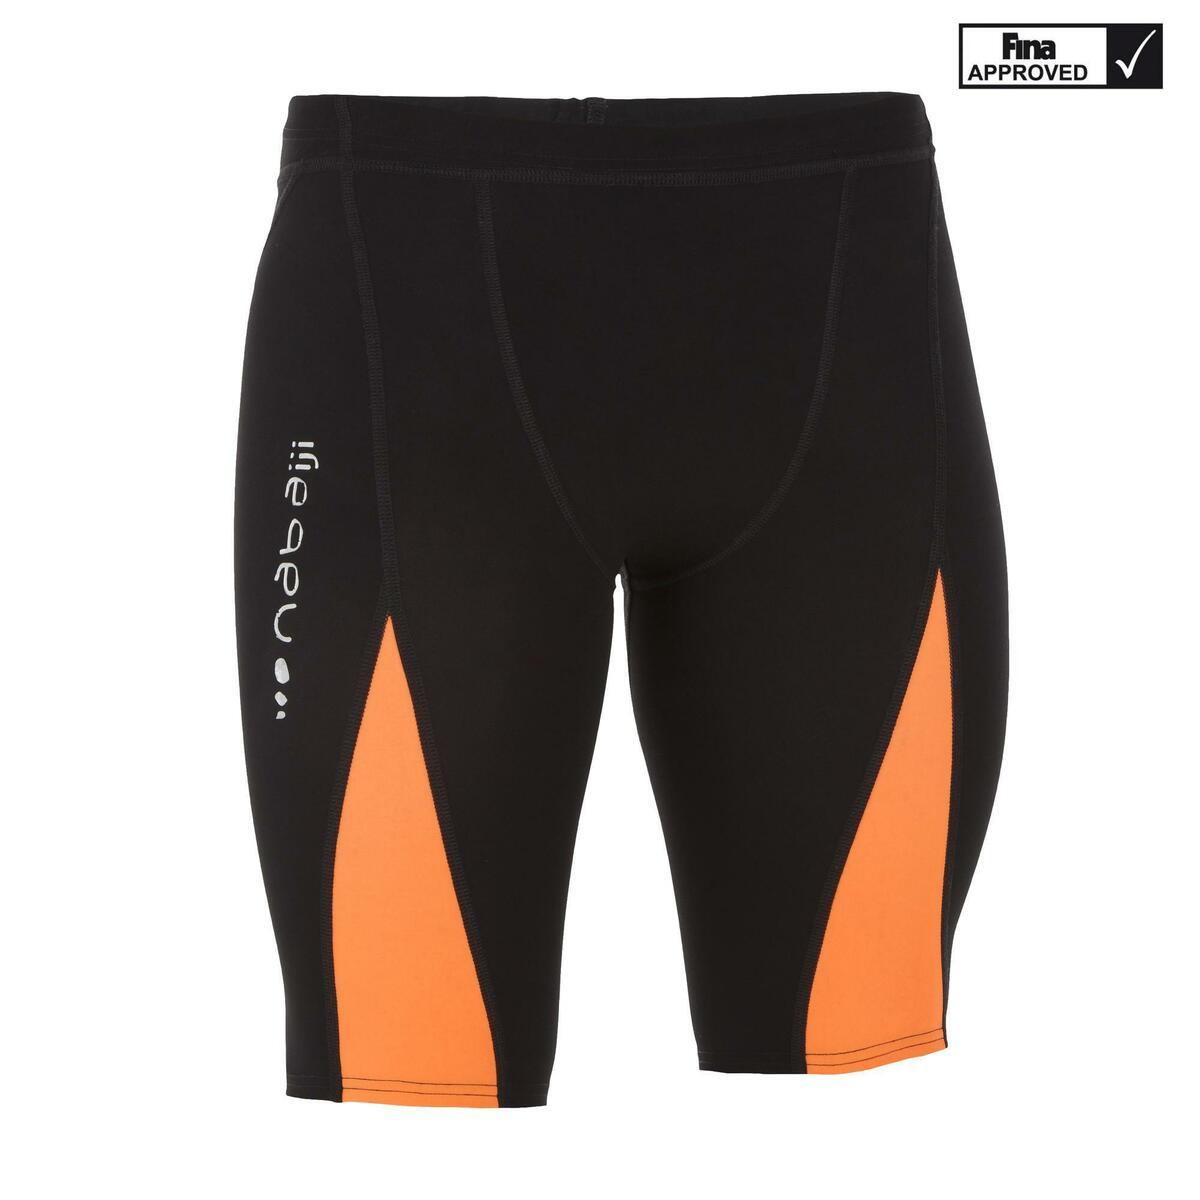 Bild 1 von Badehose Jammer Fina 900 Fast Wettkampf Herren schwarz/orange